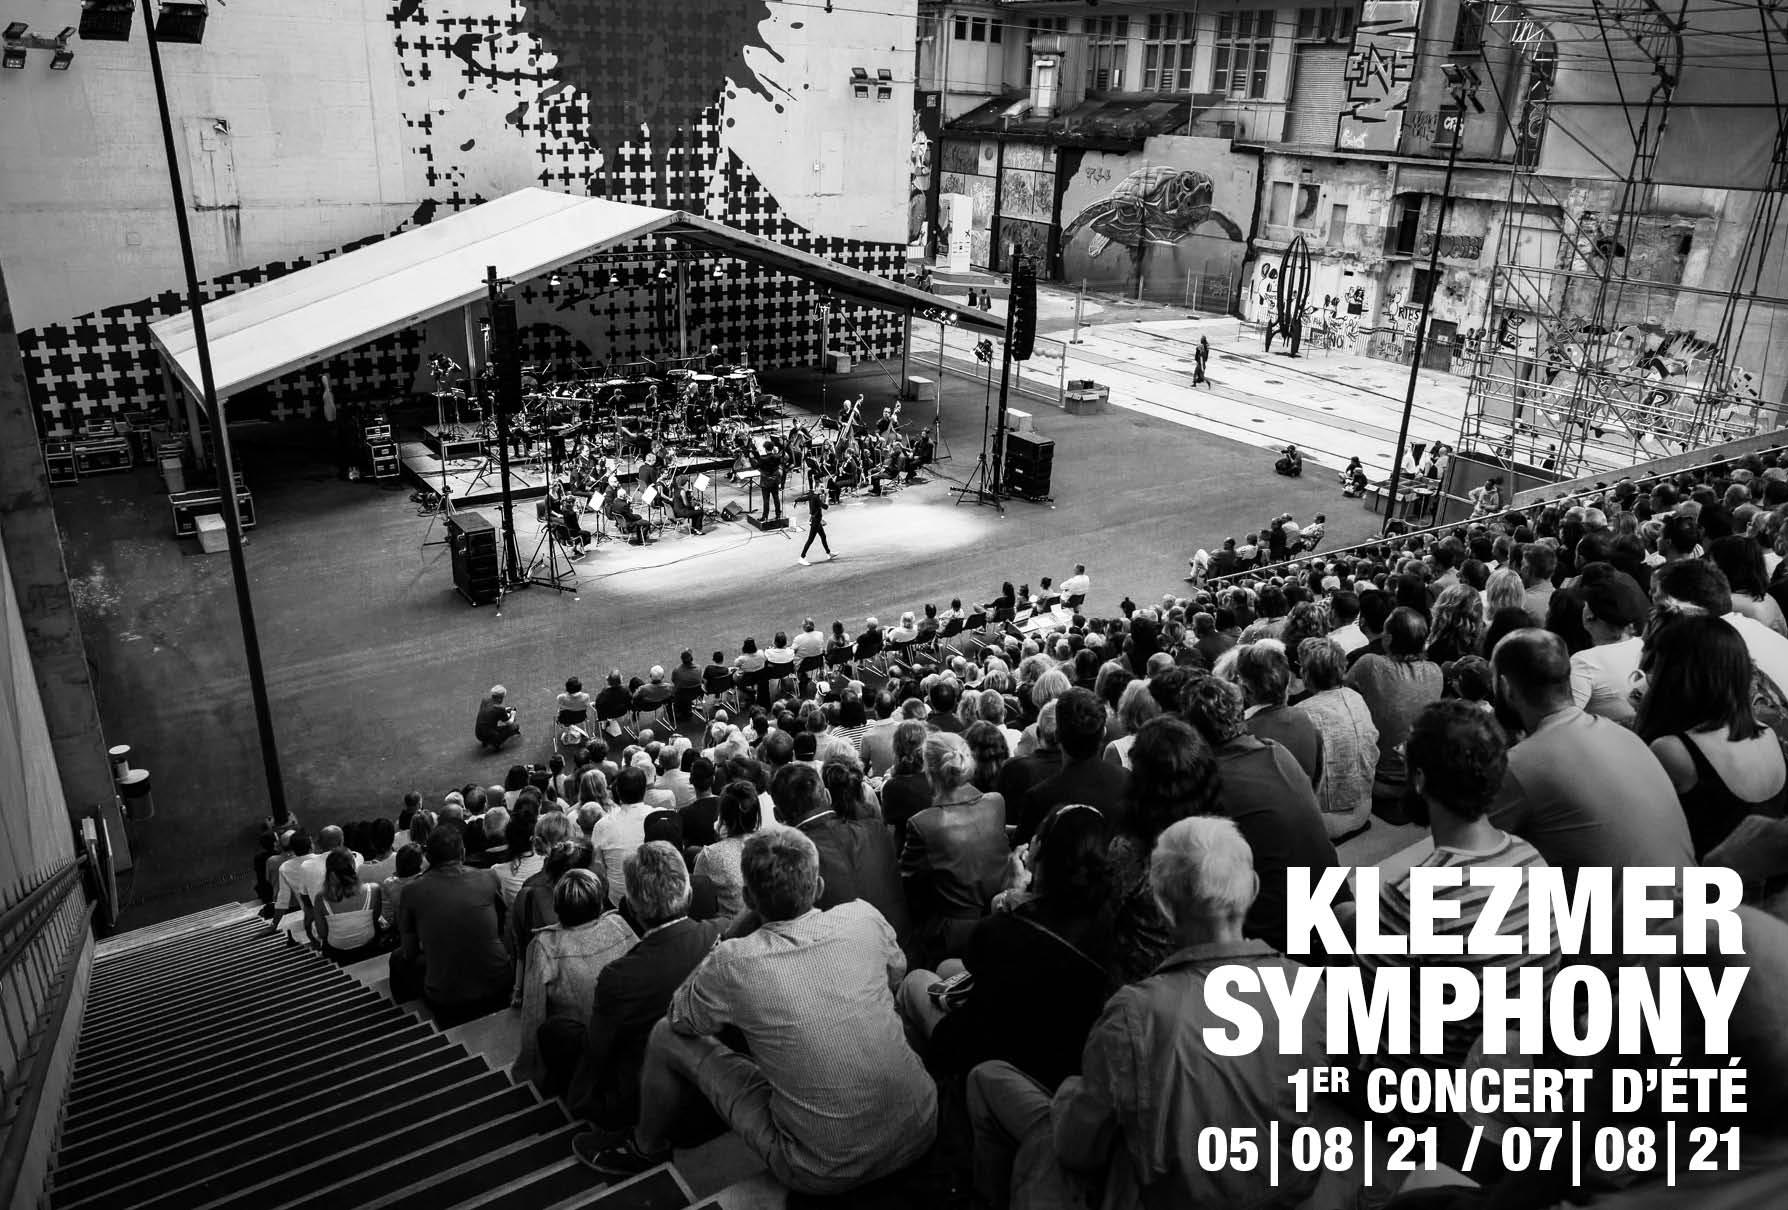 Klezmer Symphony